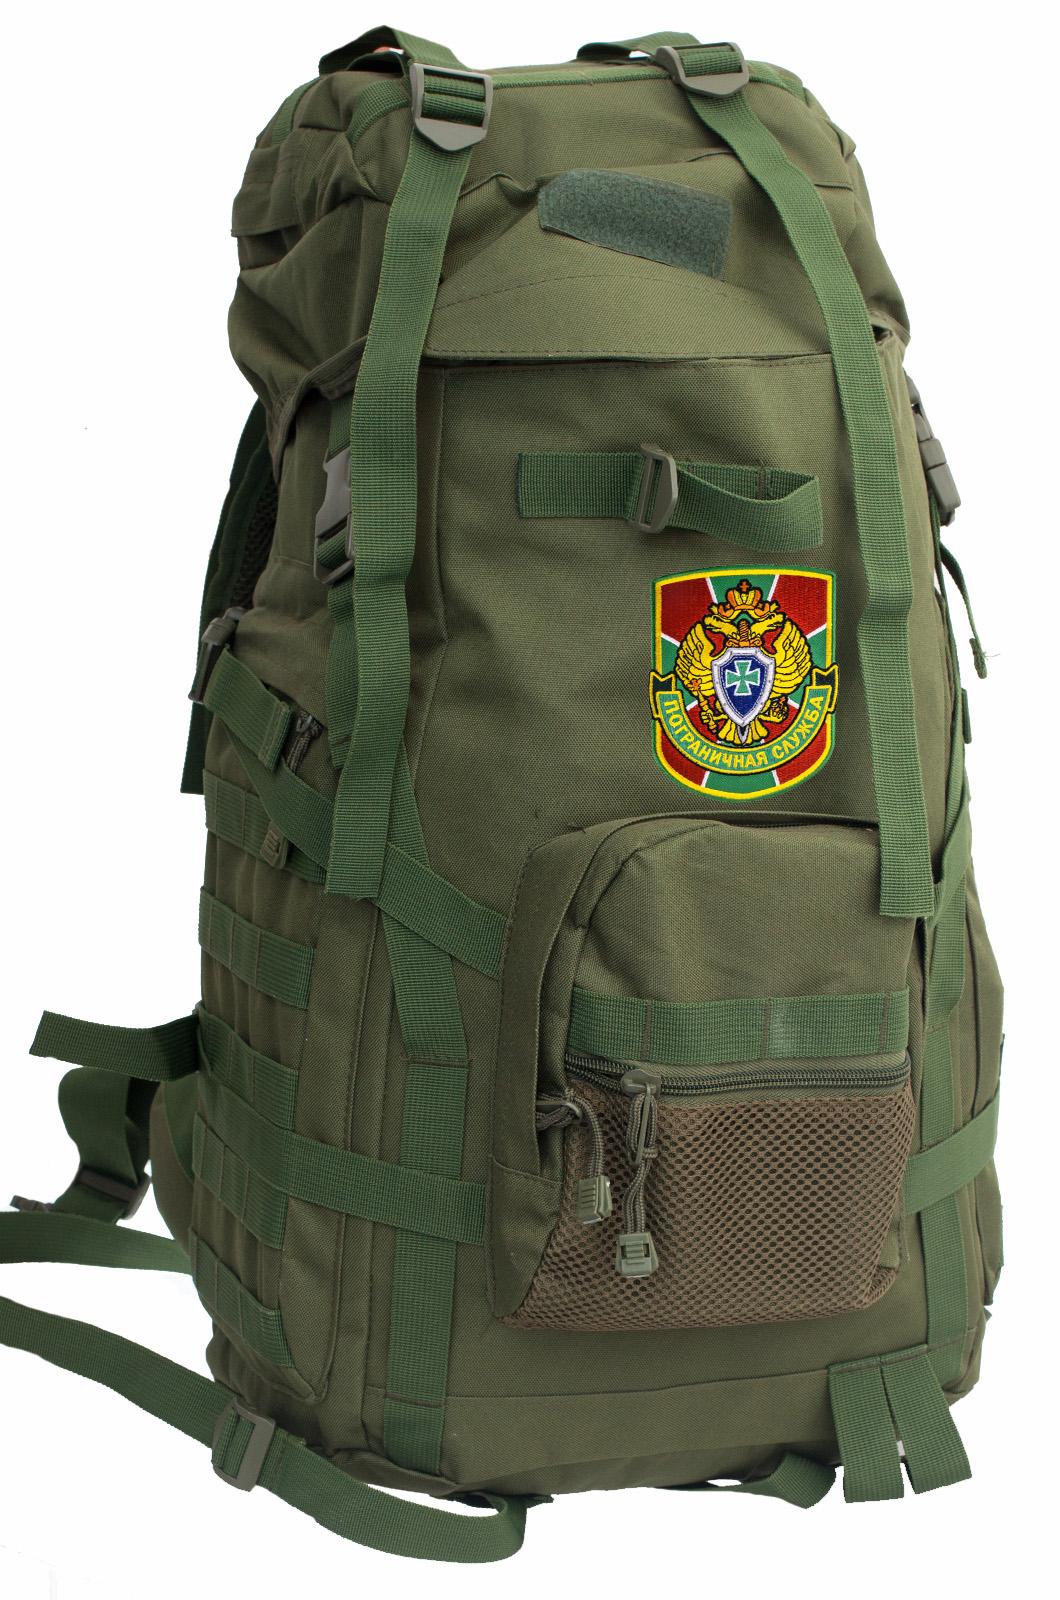 Стильный военный рюкзак с нашивкой Погранслужбы - купить в подарок